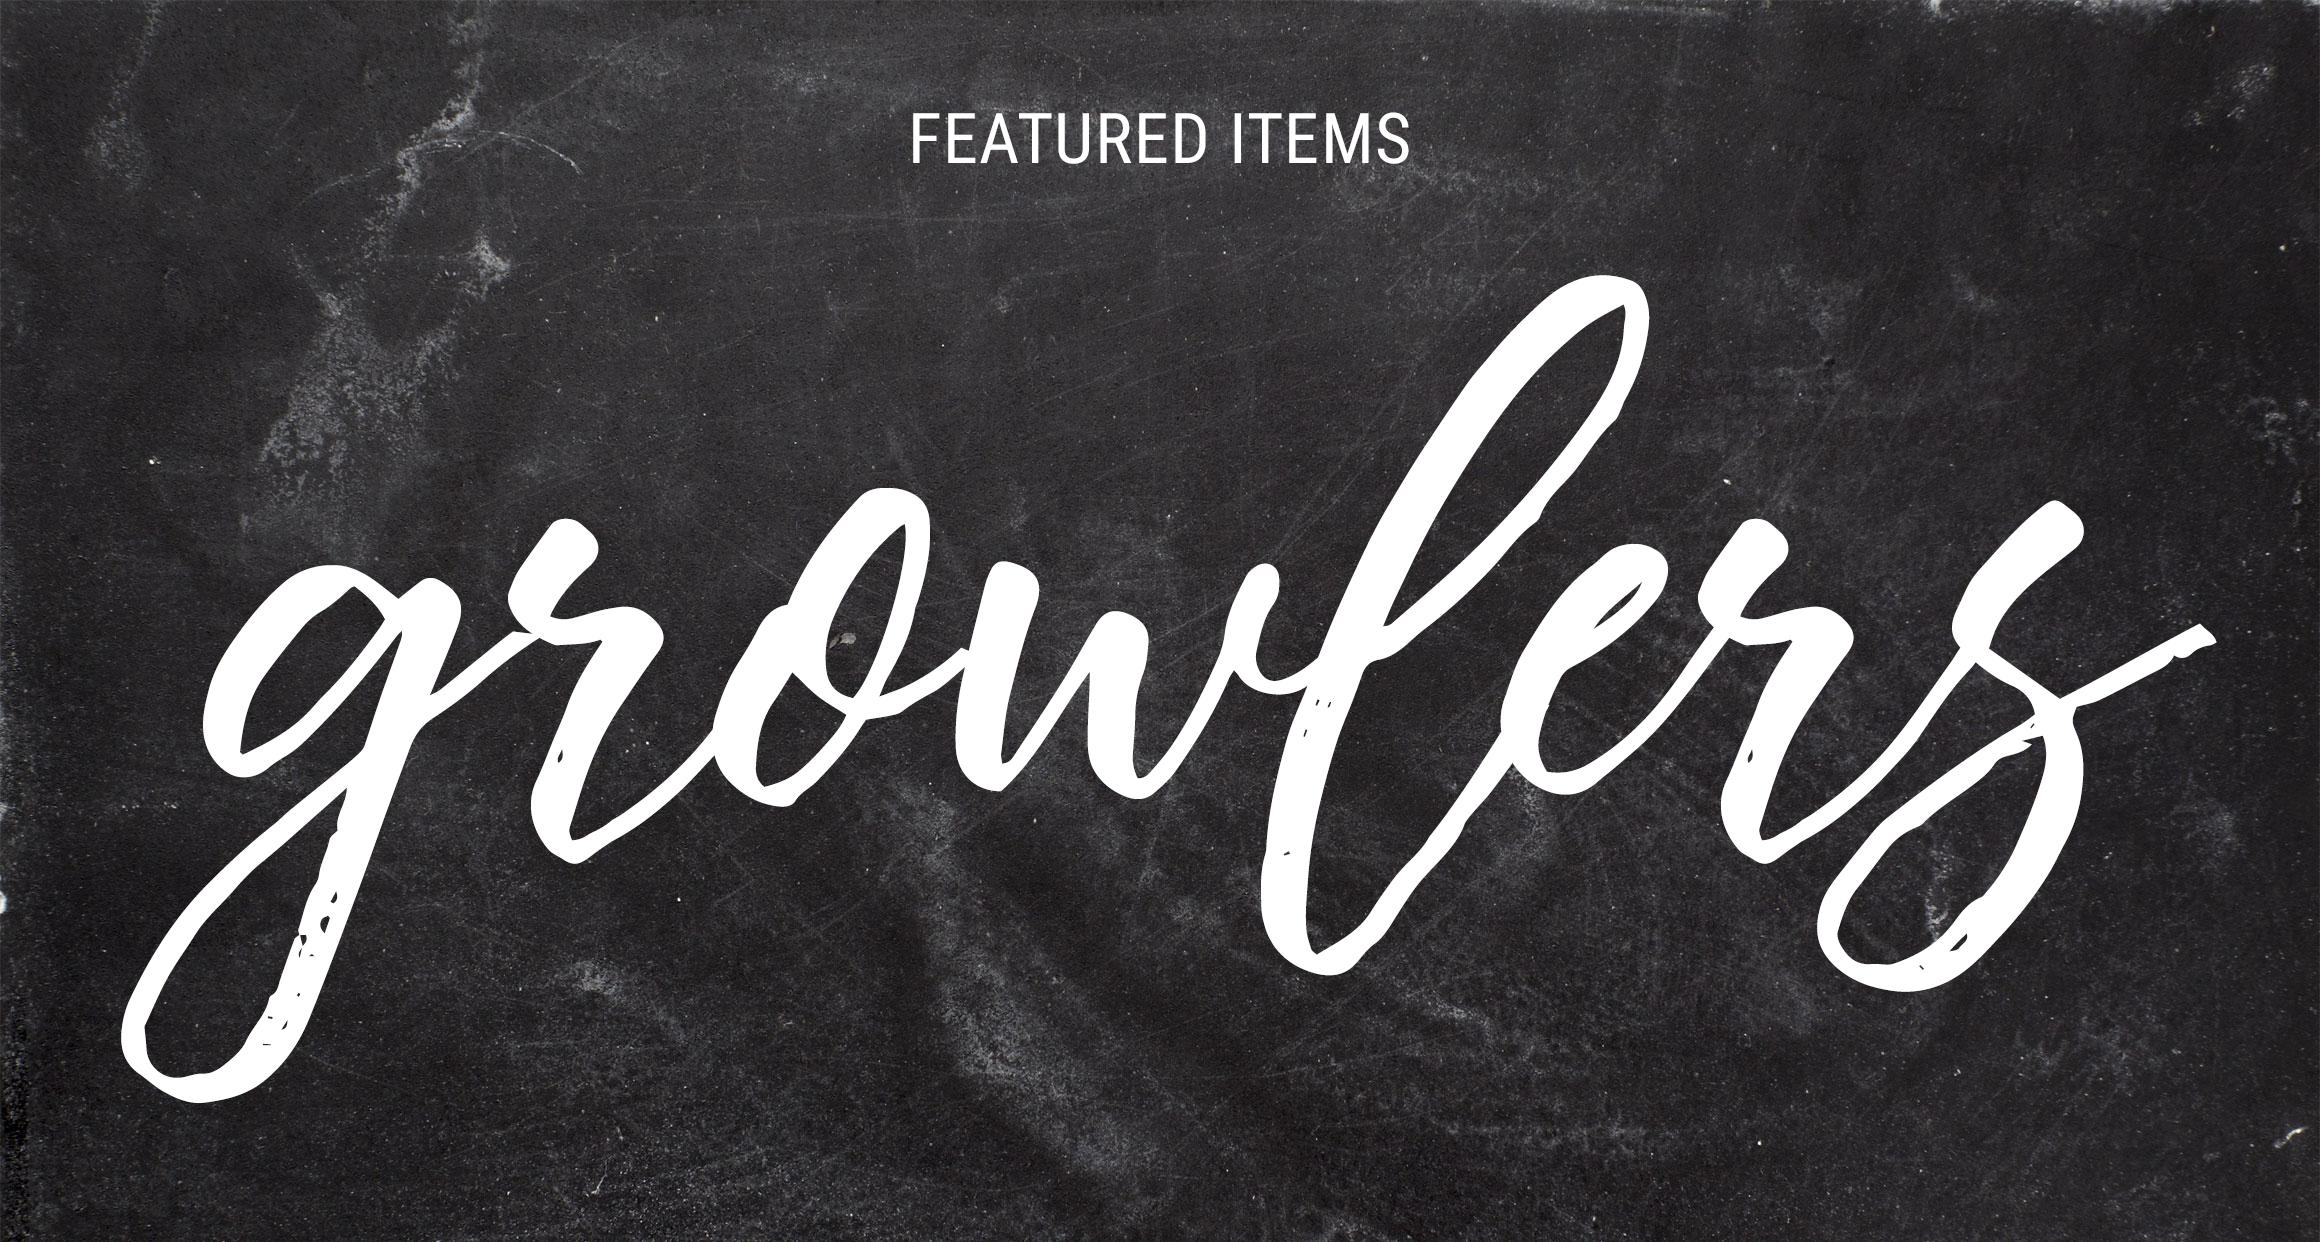 growlers-featured.jpg